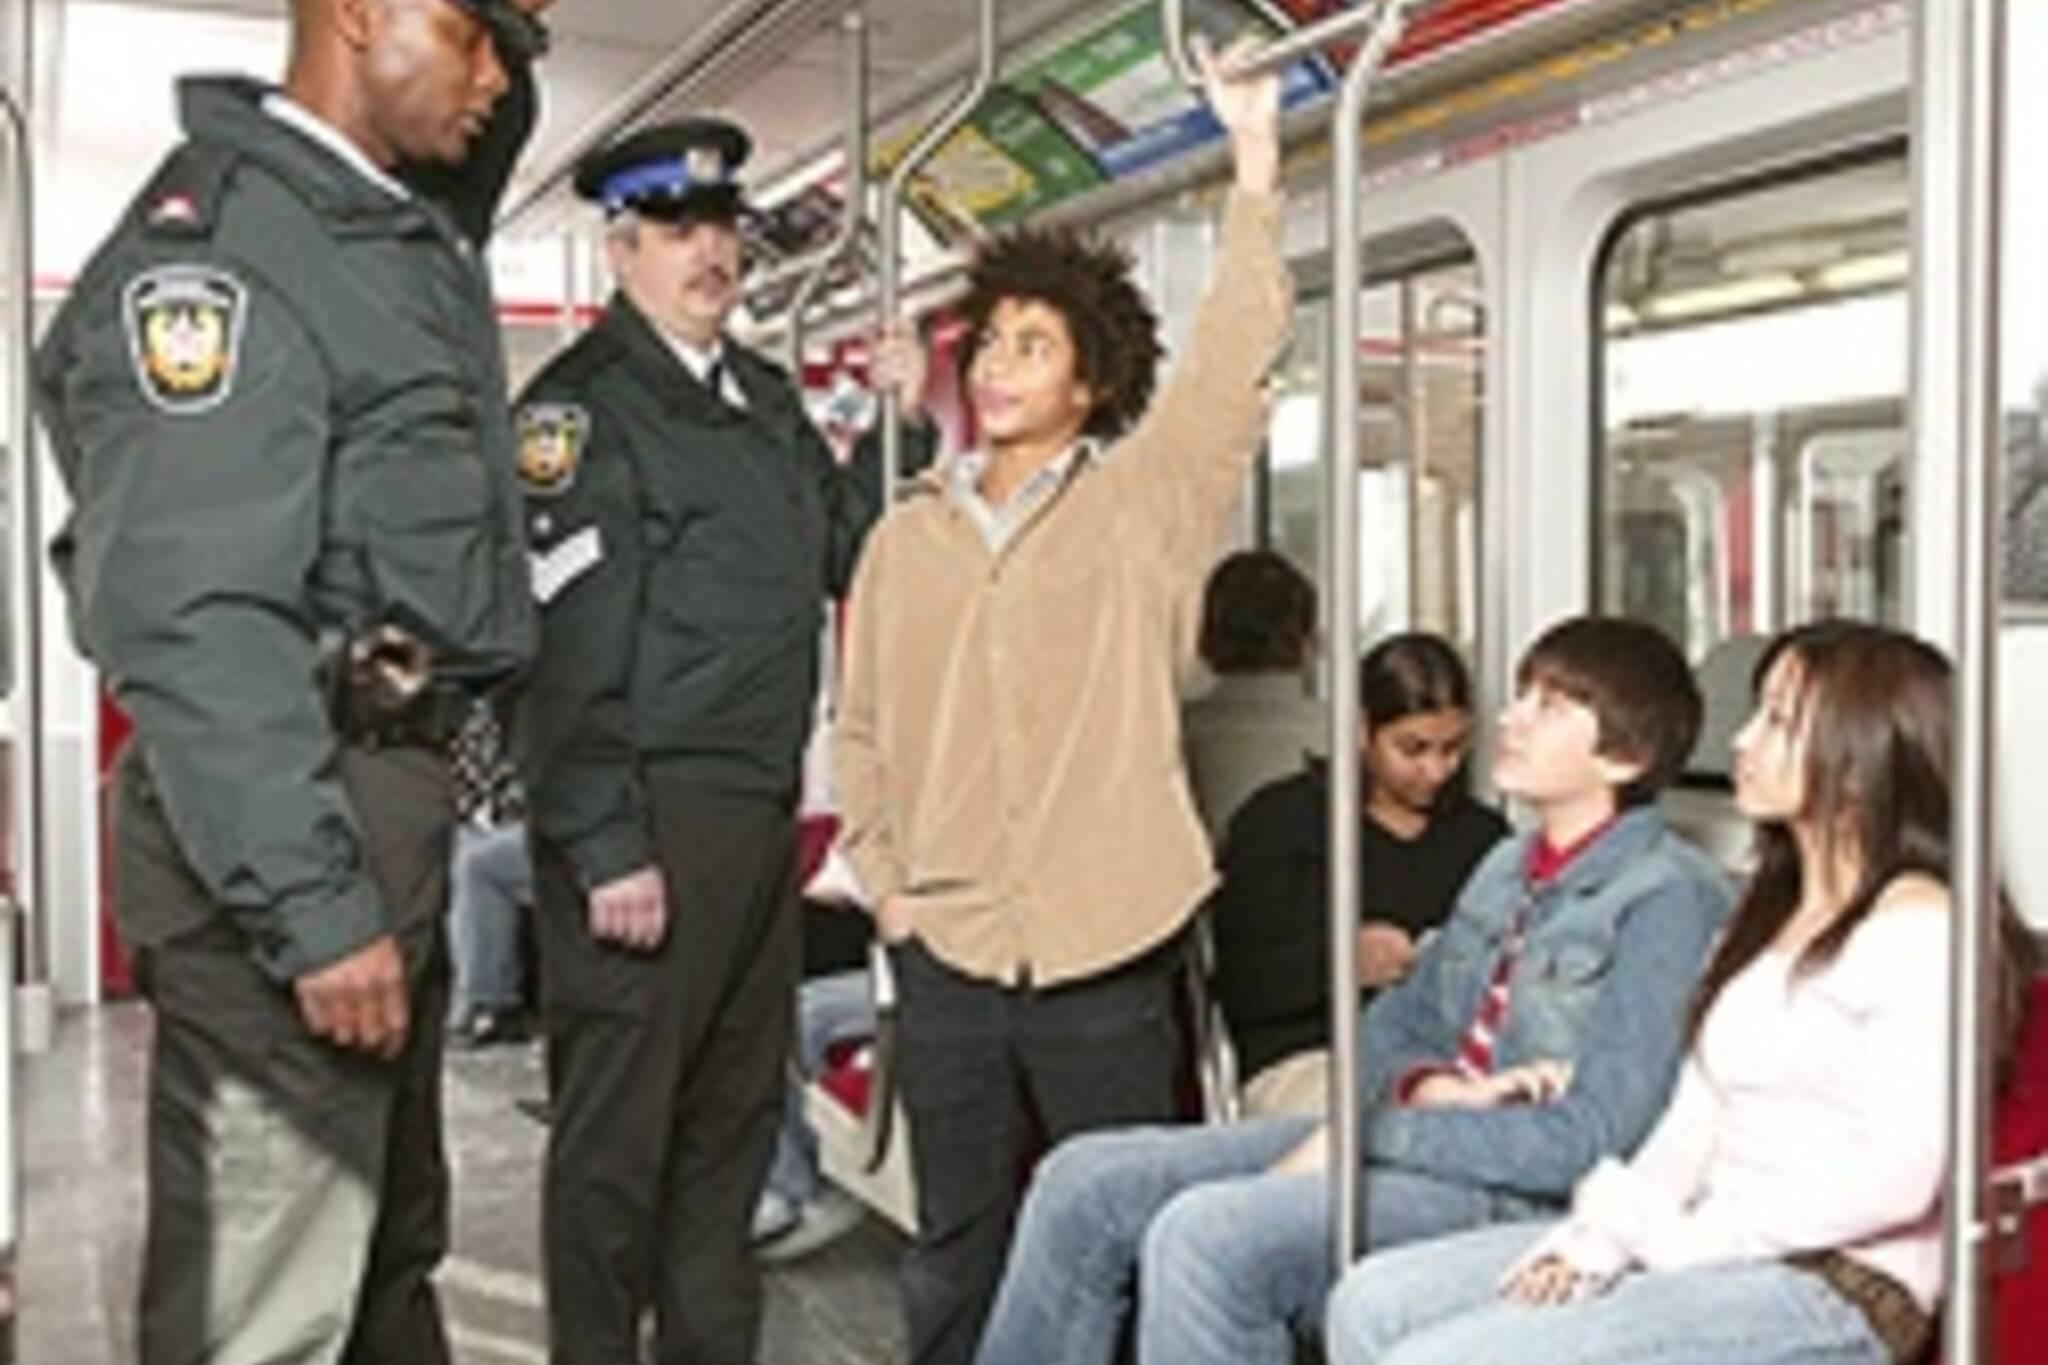 TTC Constables